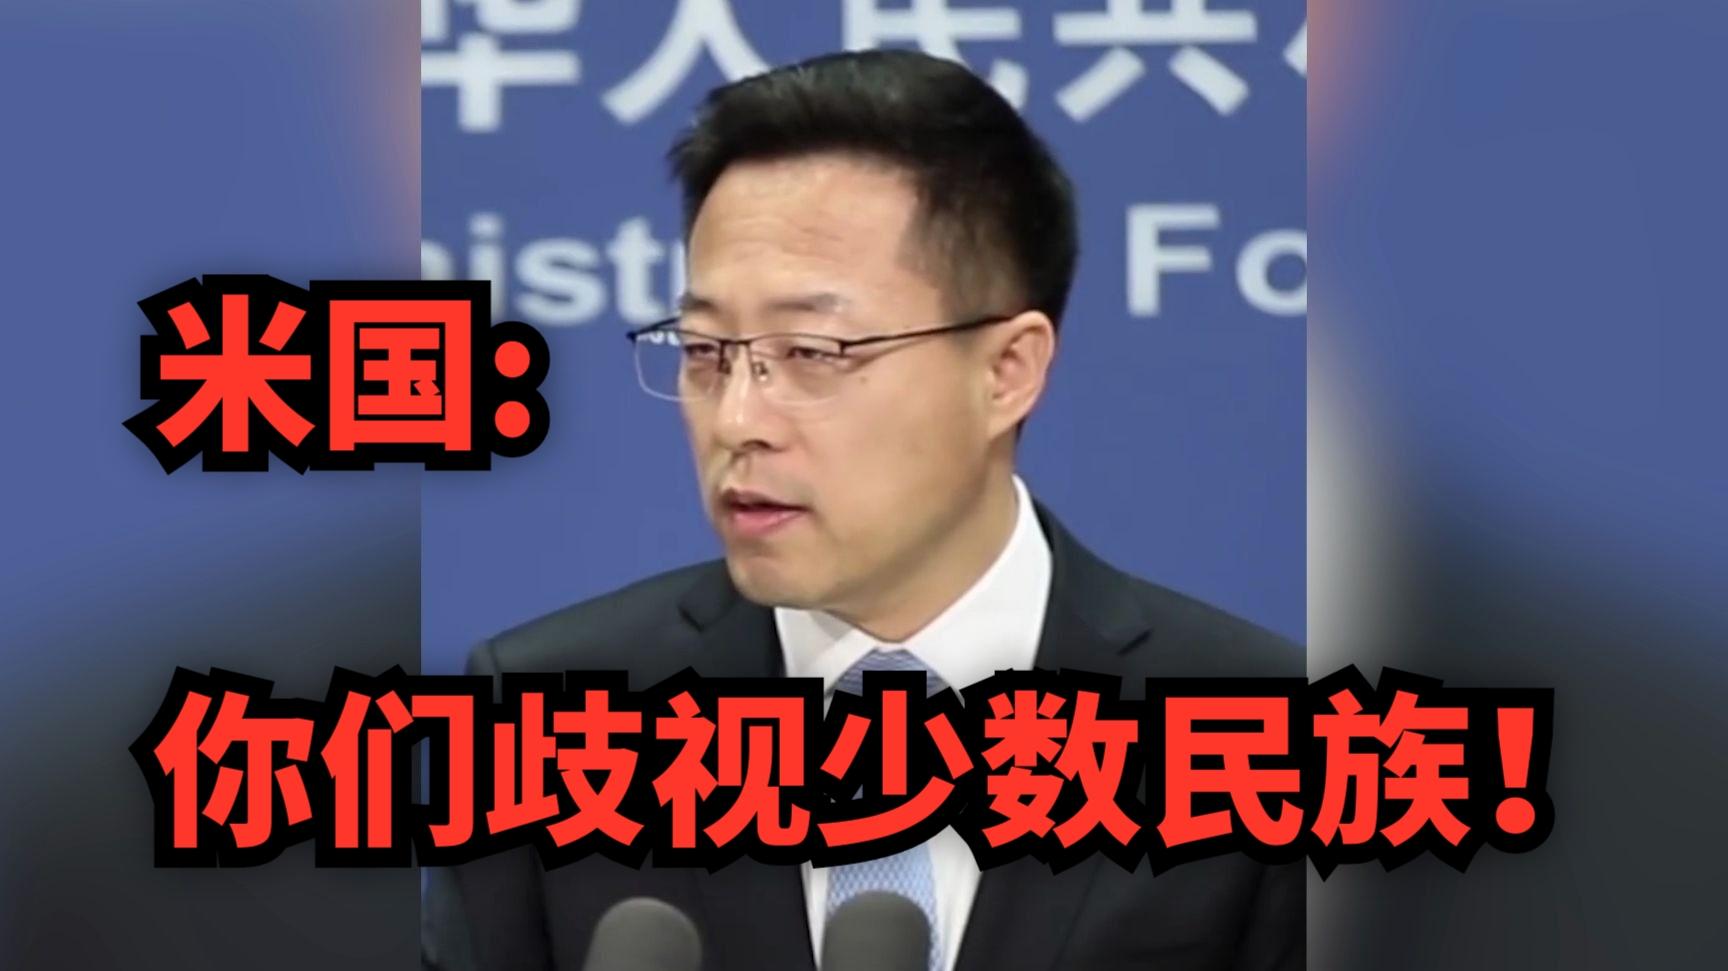 赵立坚:中国人民币上印有五种语言文字,美国呢?